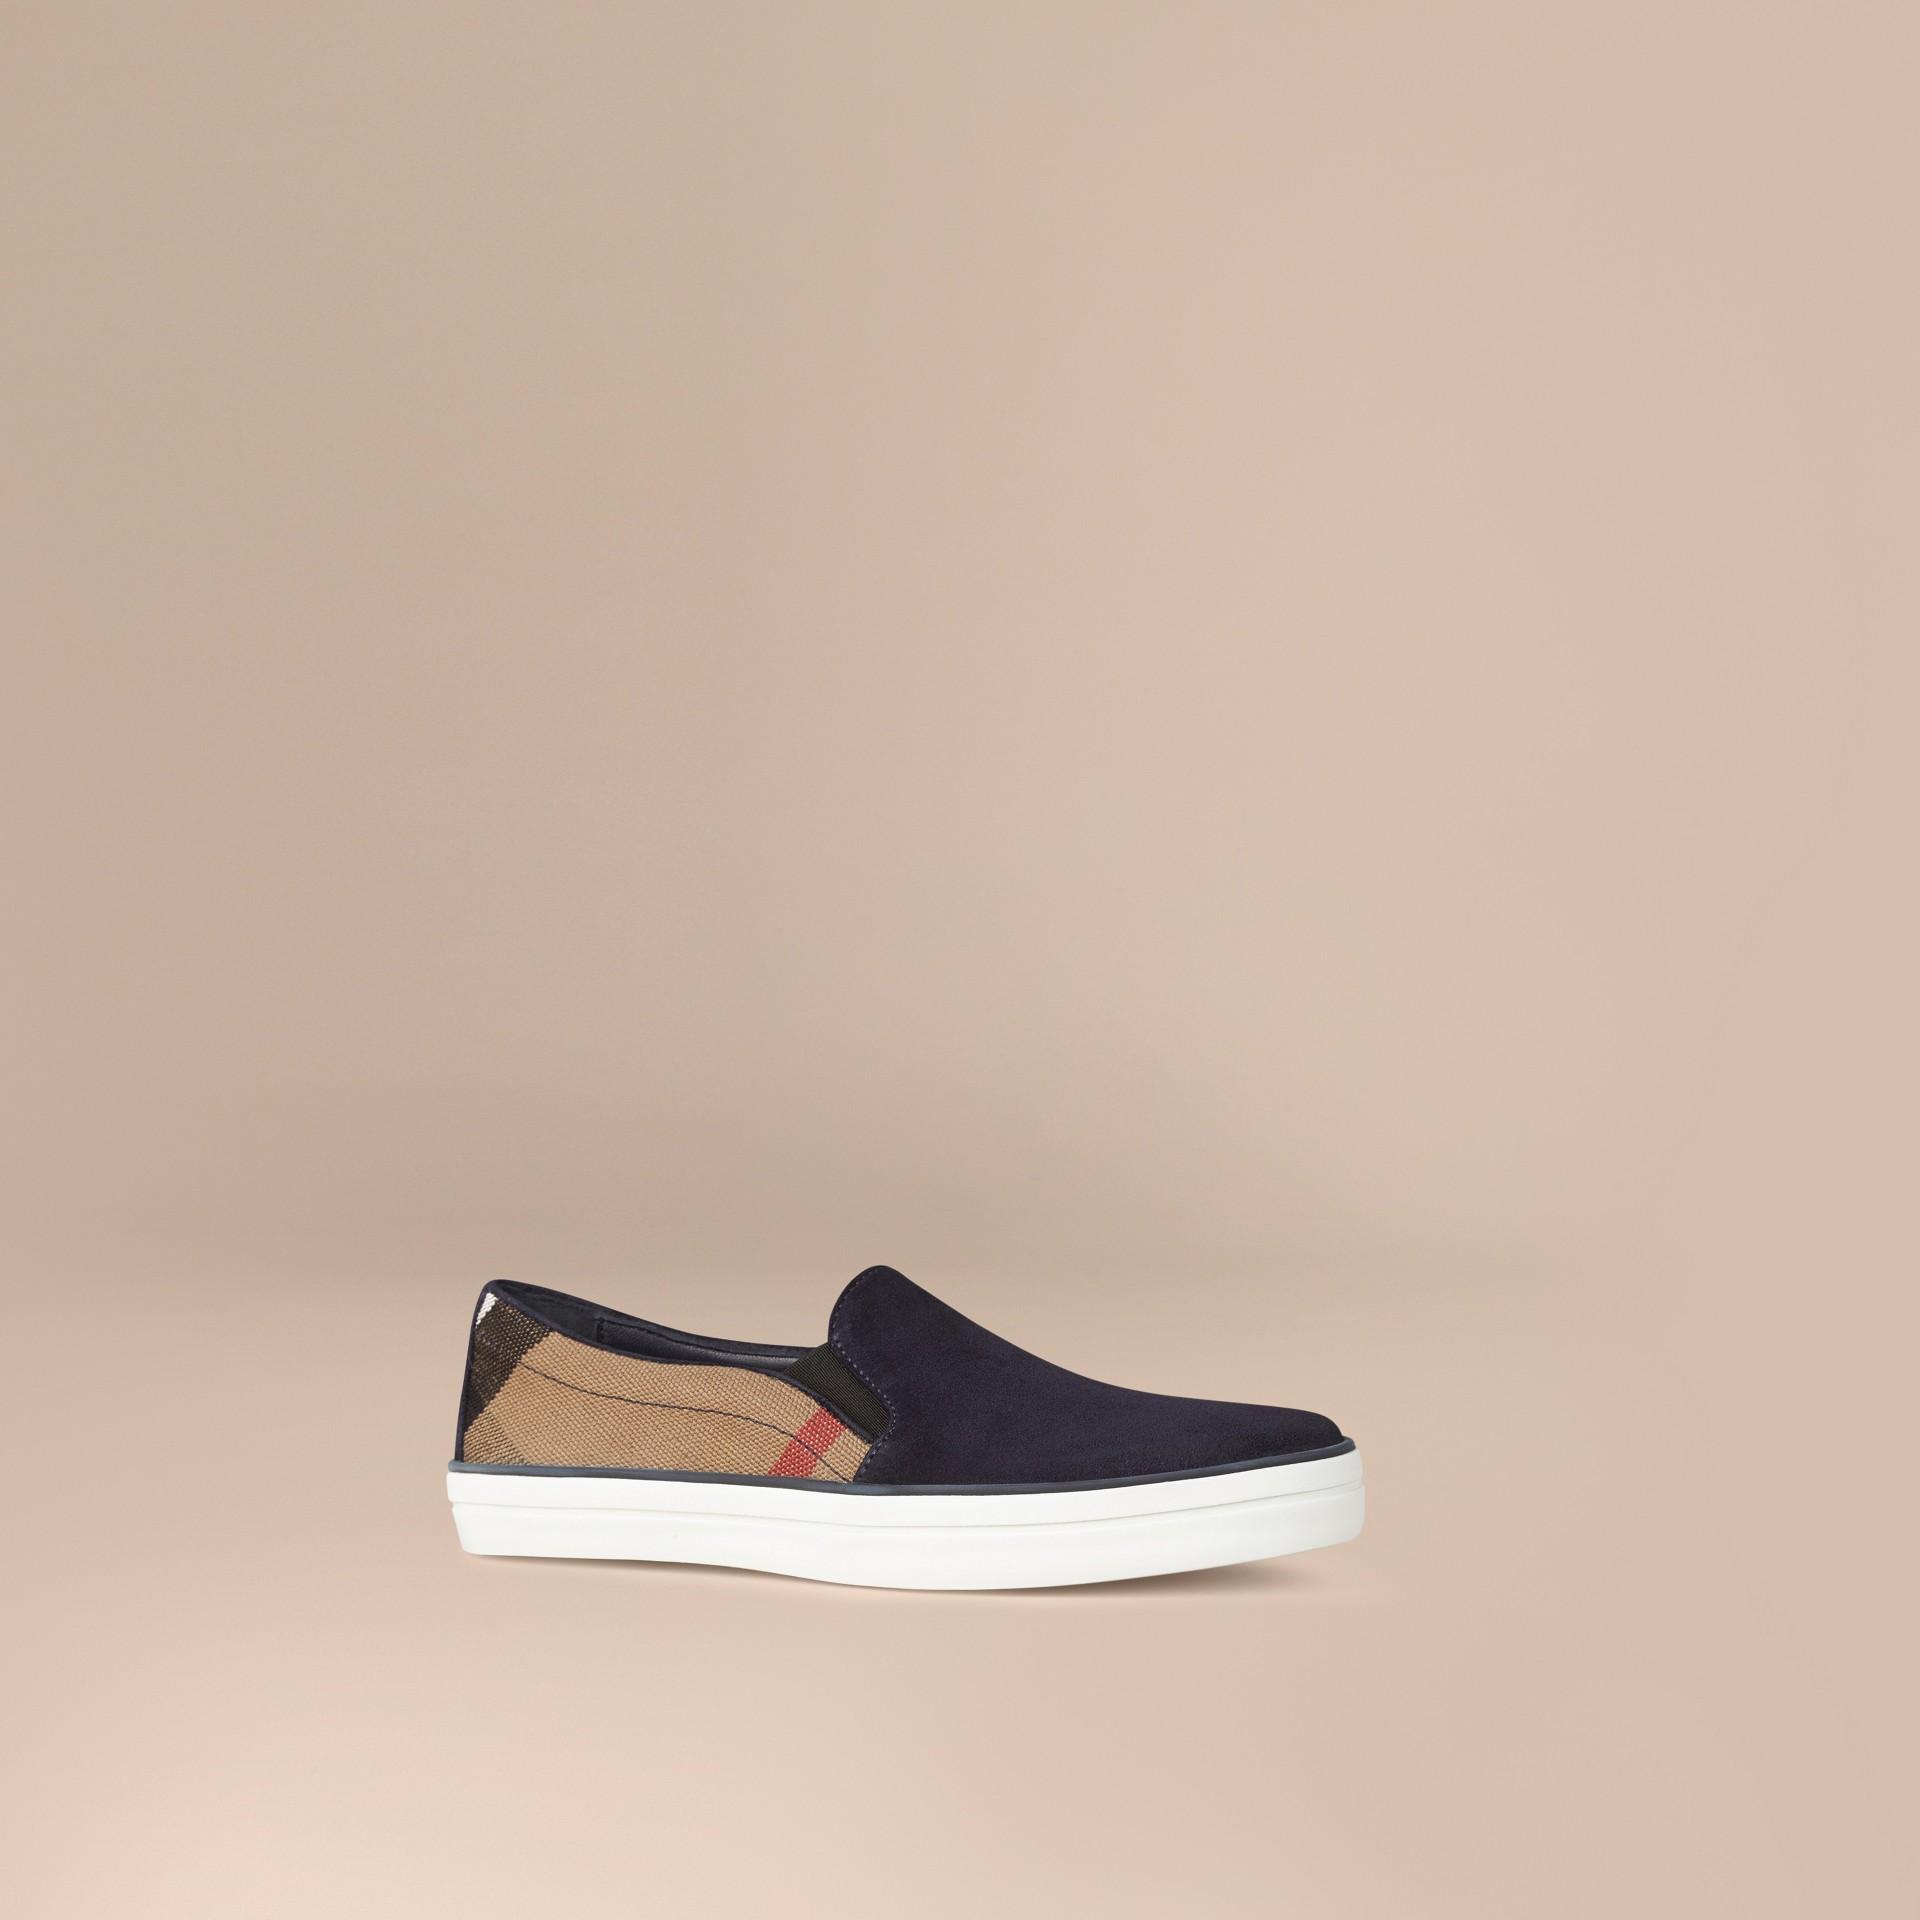 Navy Sneaker senza lacci con motivo Canvas check e pelle scamosciata Navy - immagine della galleria 1